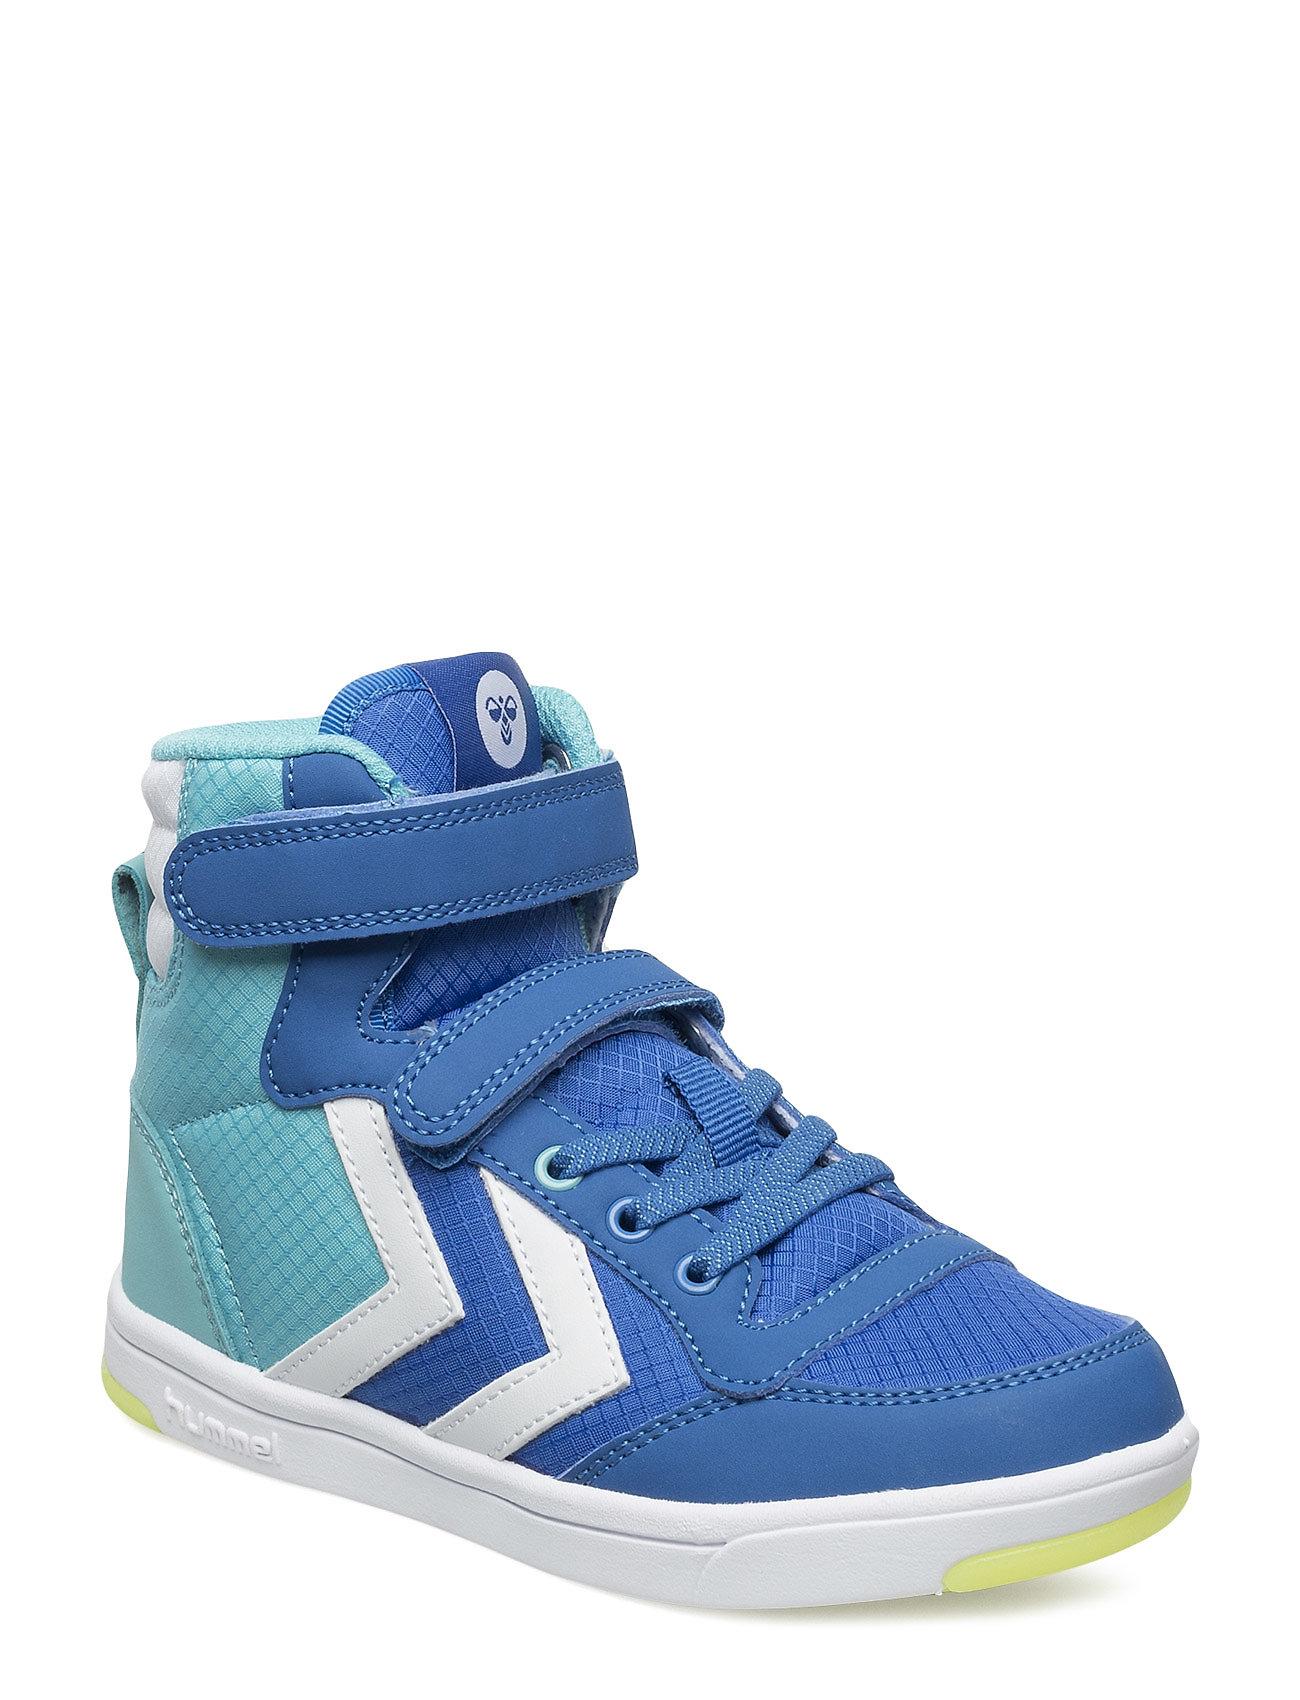 Stadil Ripstop Jr Hummel Sko & Sneakers til Børn i